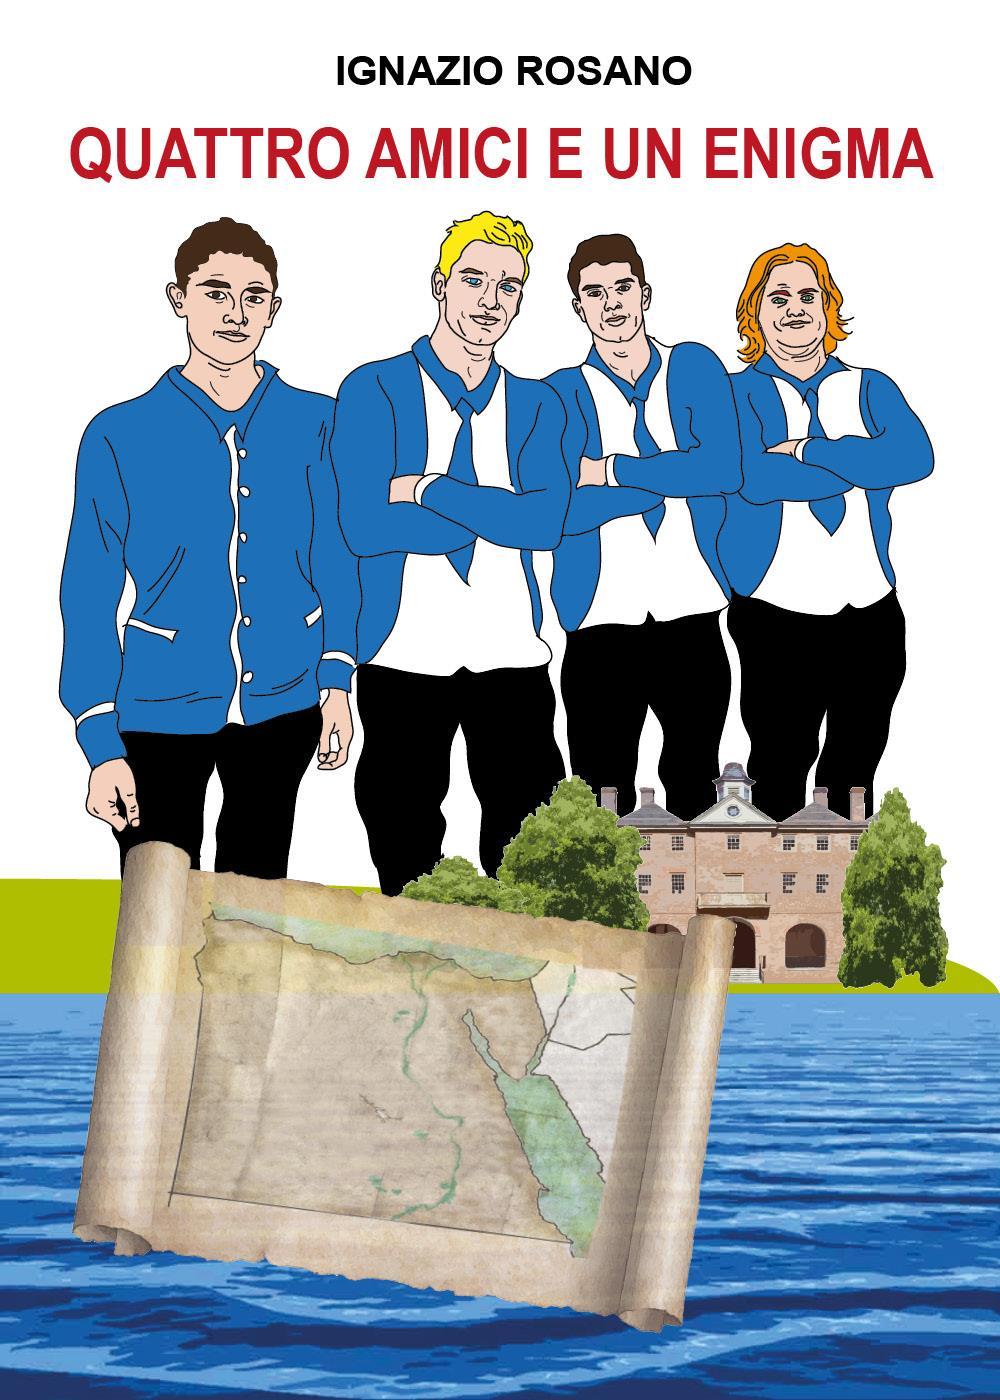 Quattro amici e un enigma